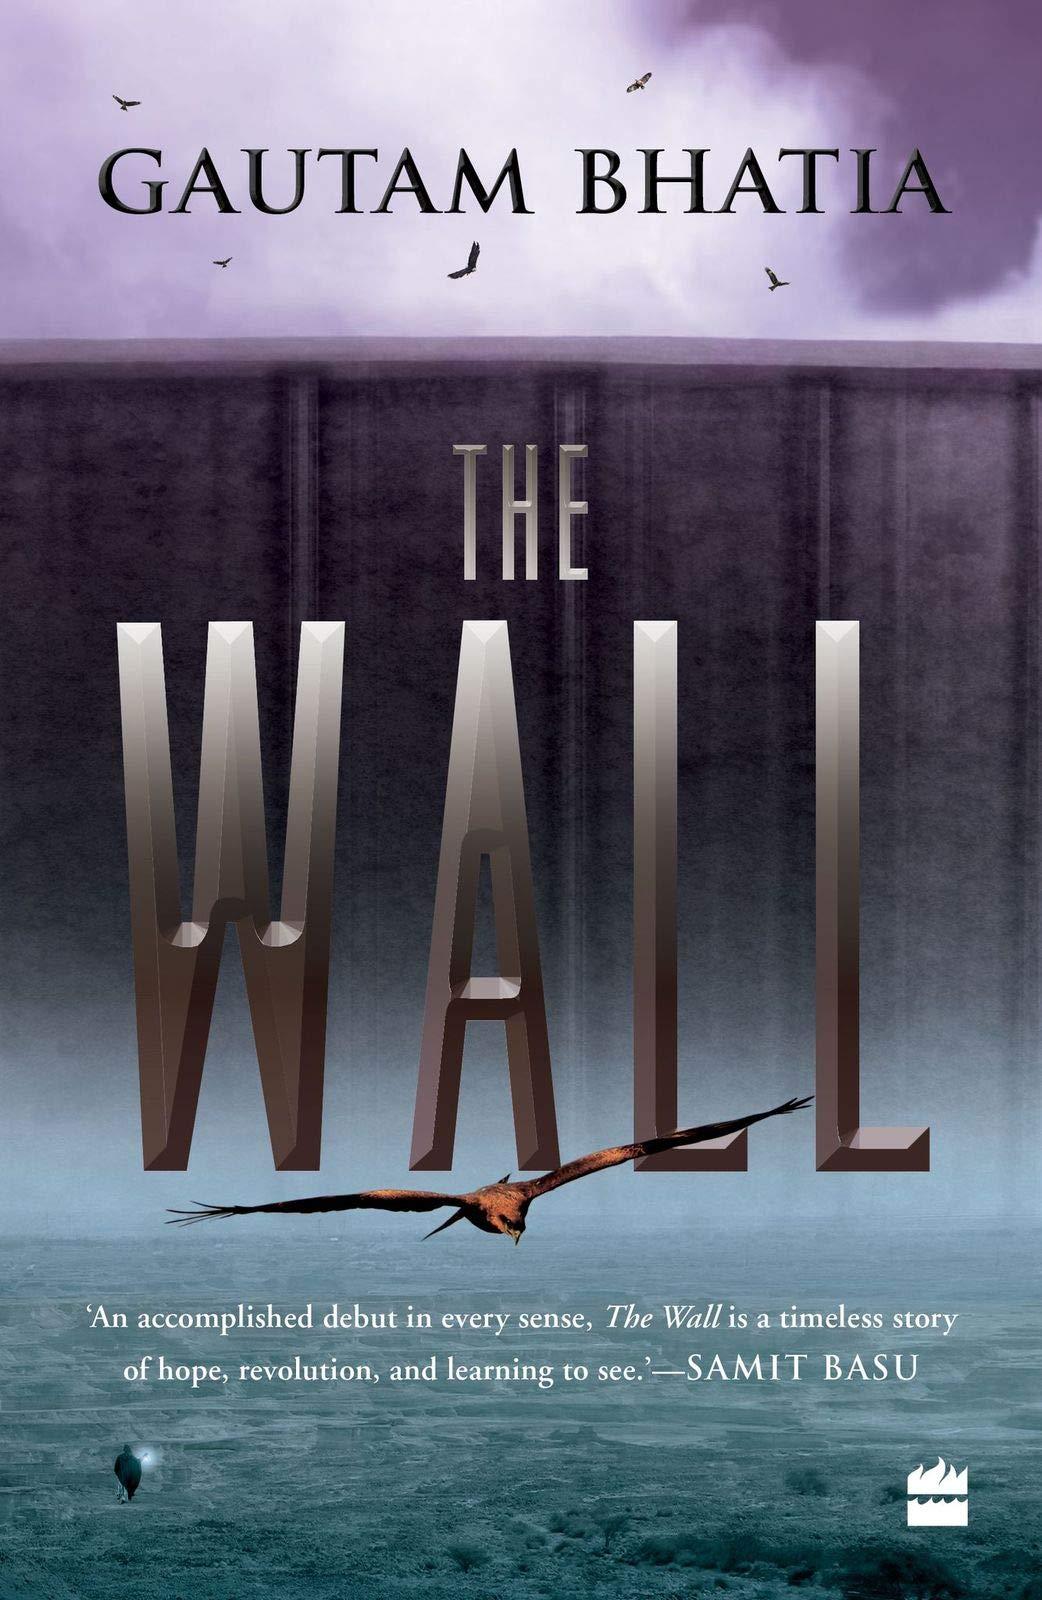 Book cover: The Wall - Gautam Bhatia